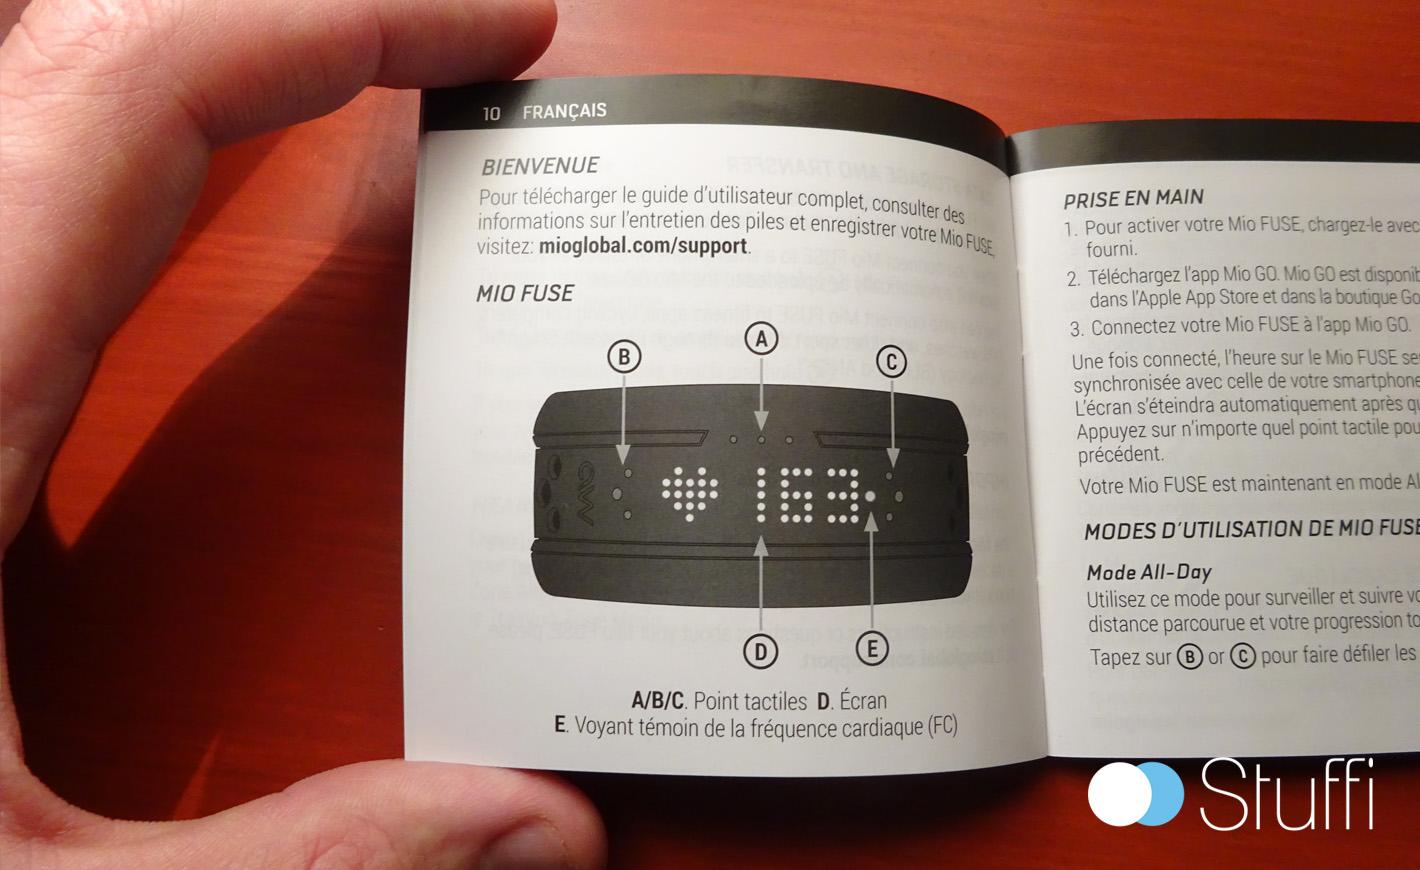 Un guide très explicite pour les boutons